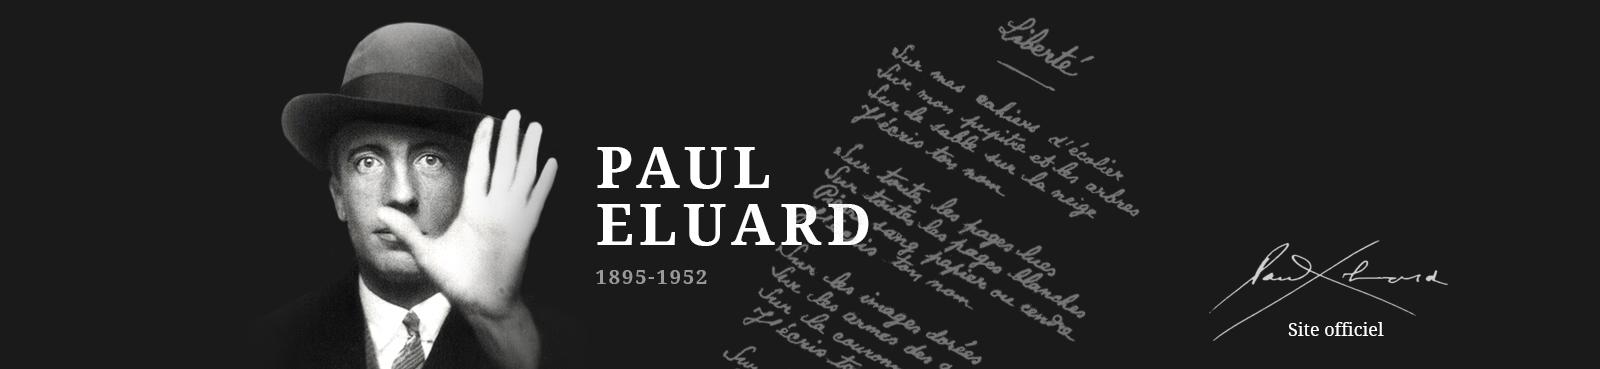 Paul Eluard Logo